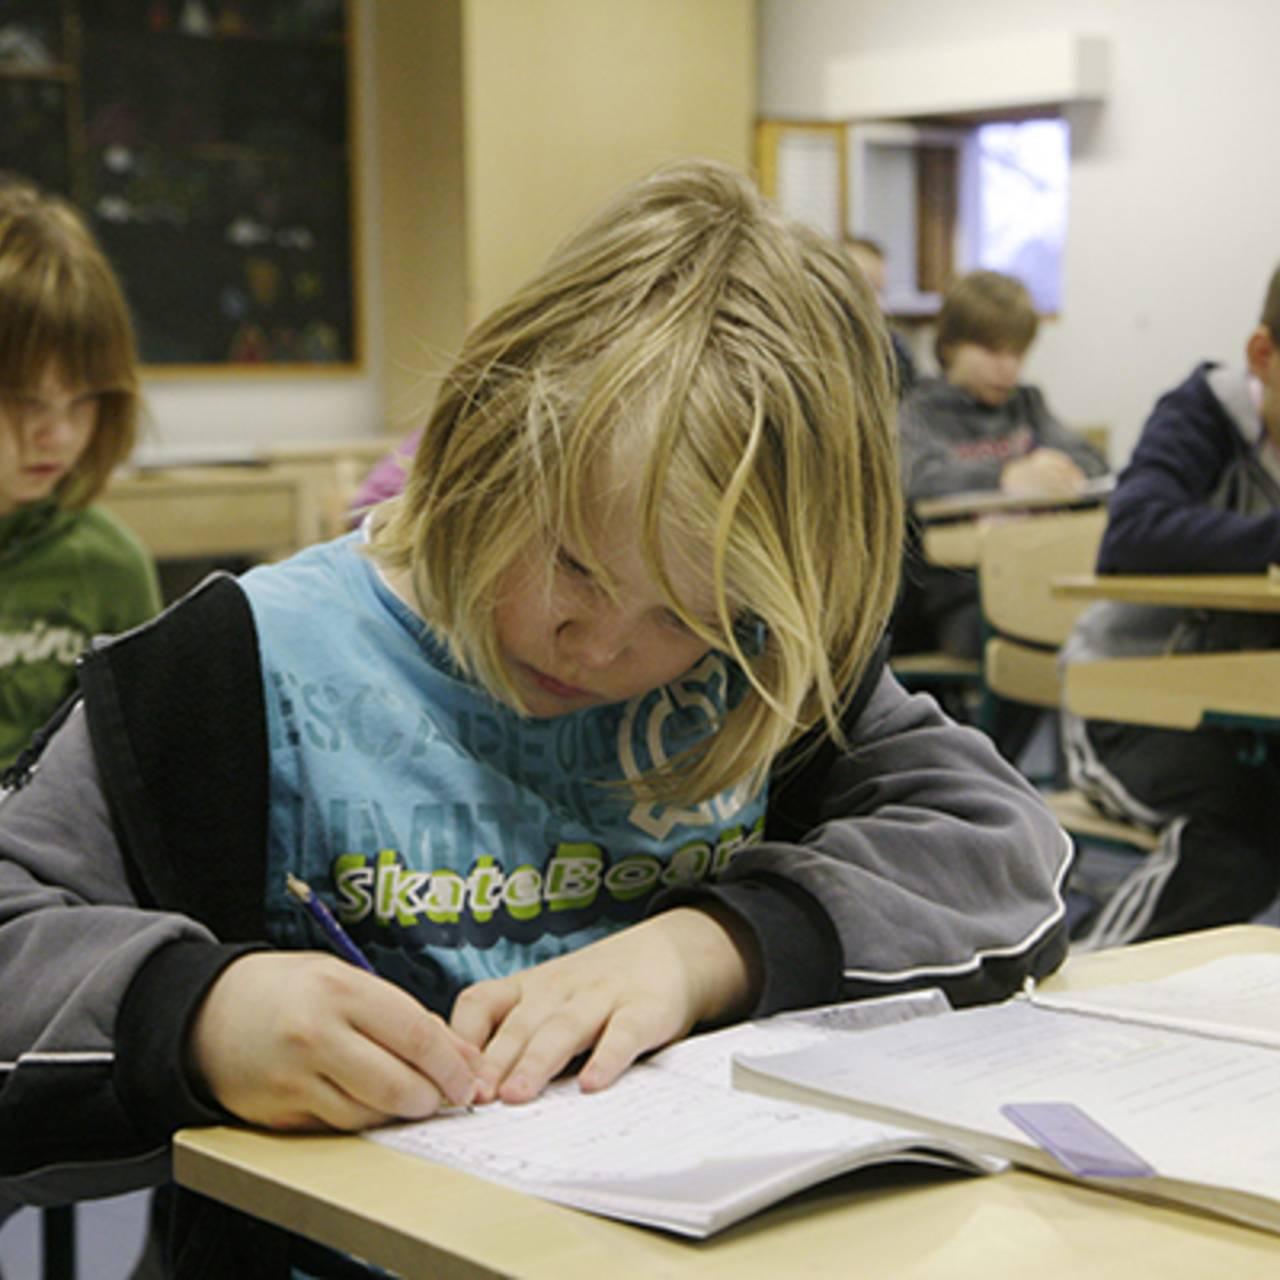 Школы в финляндии: как учатся делит, уровни образования